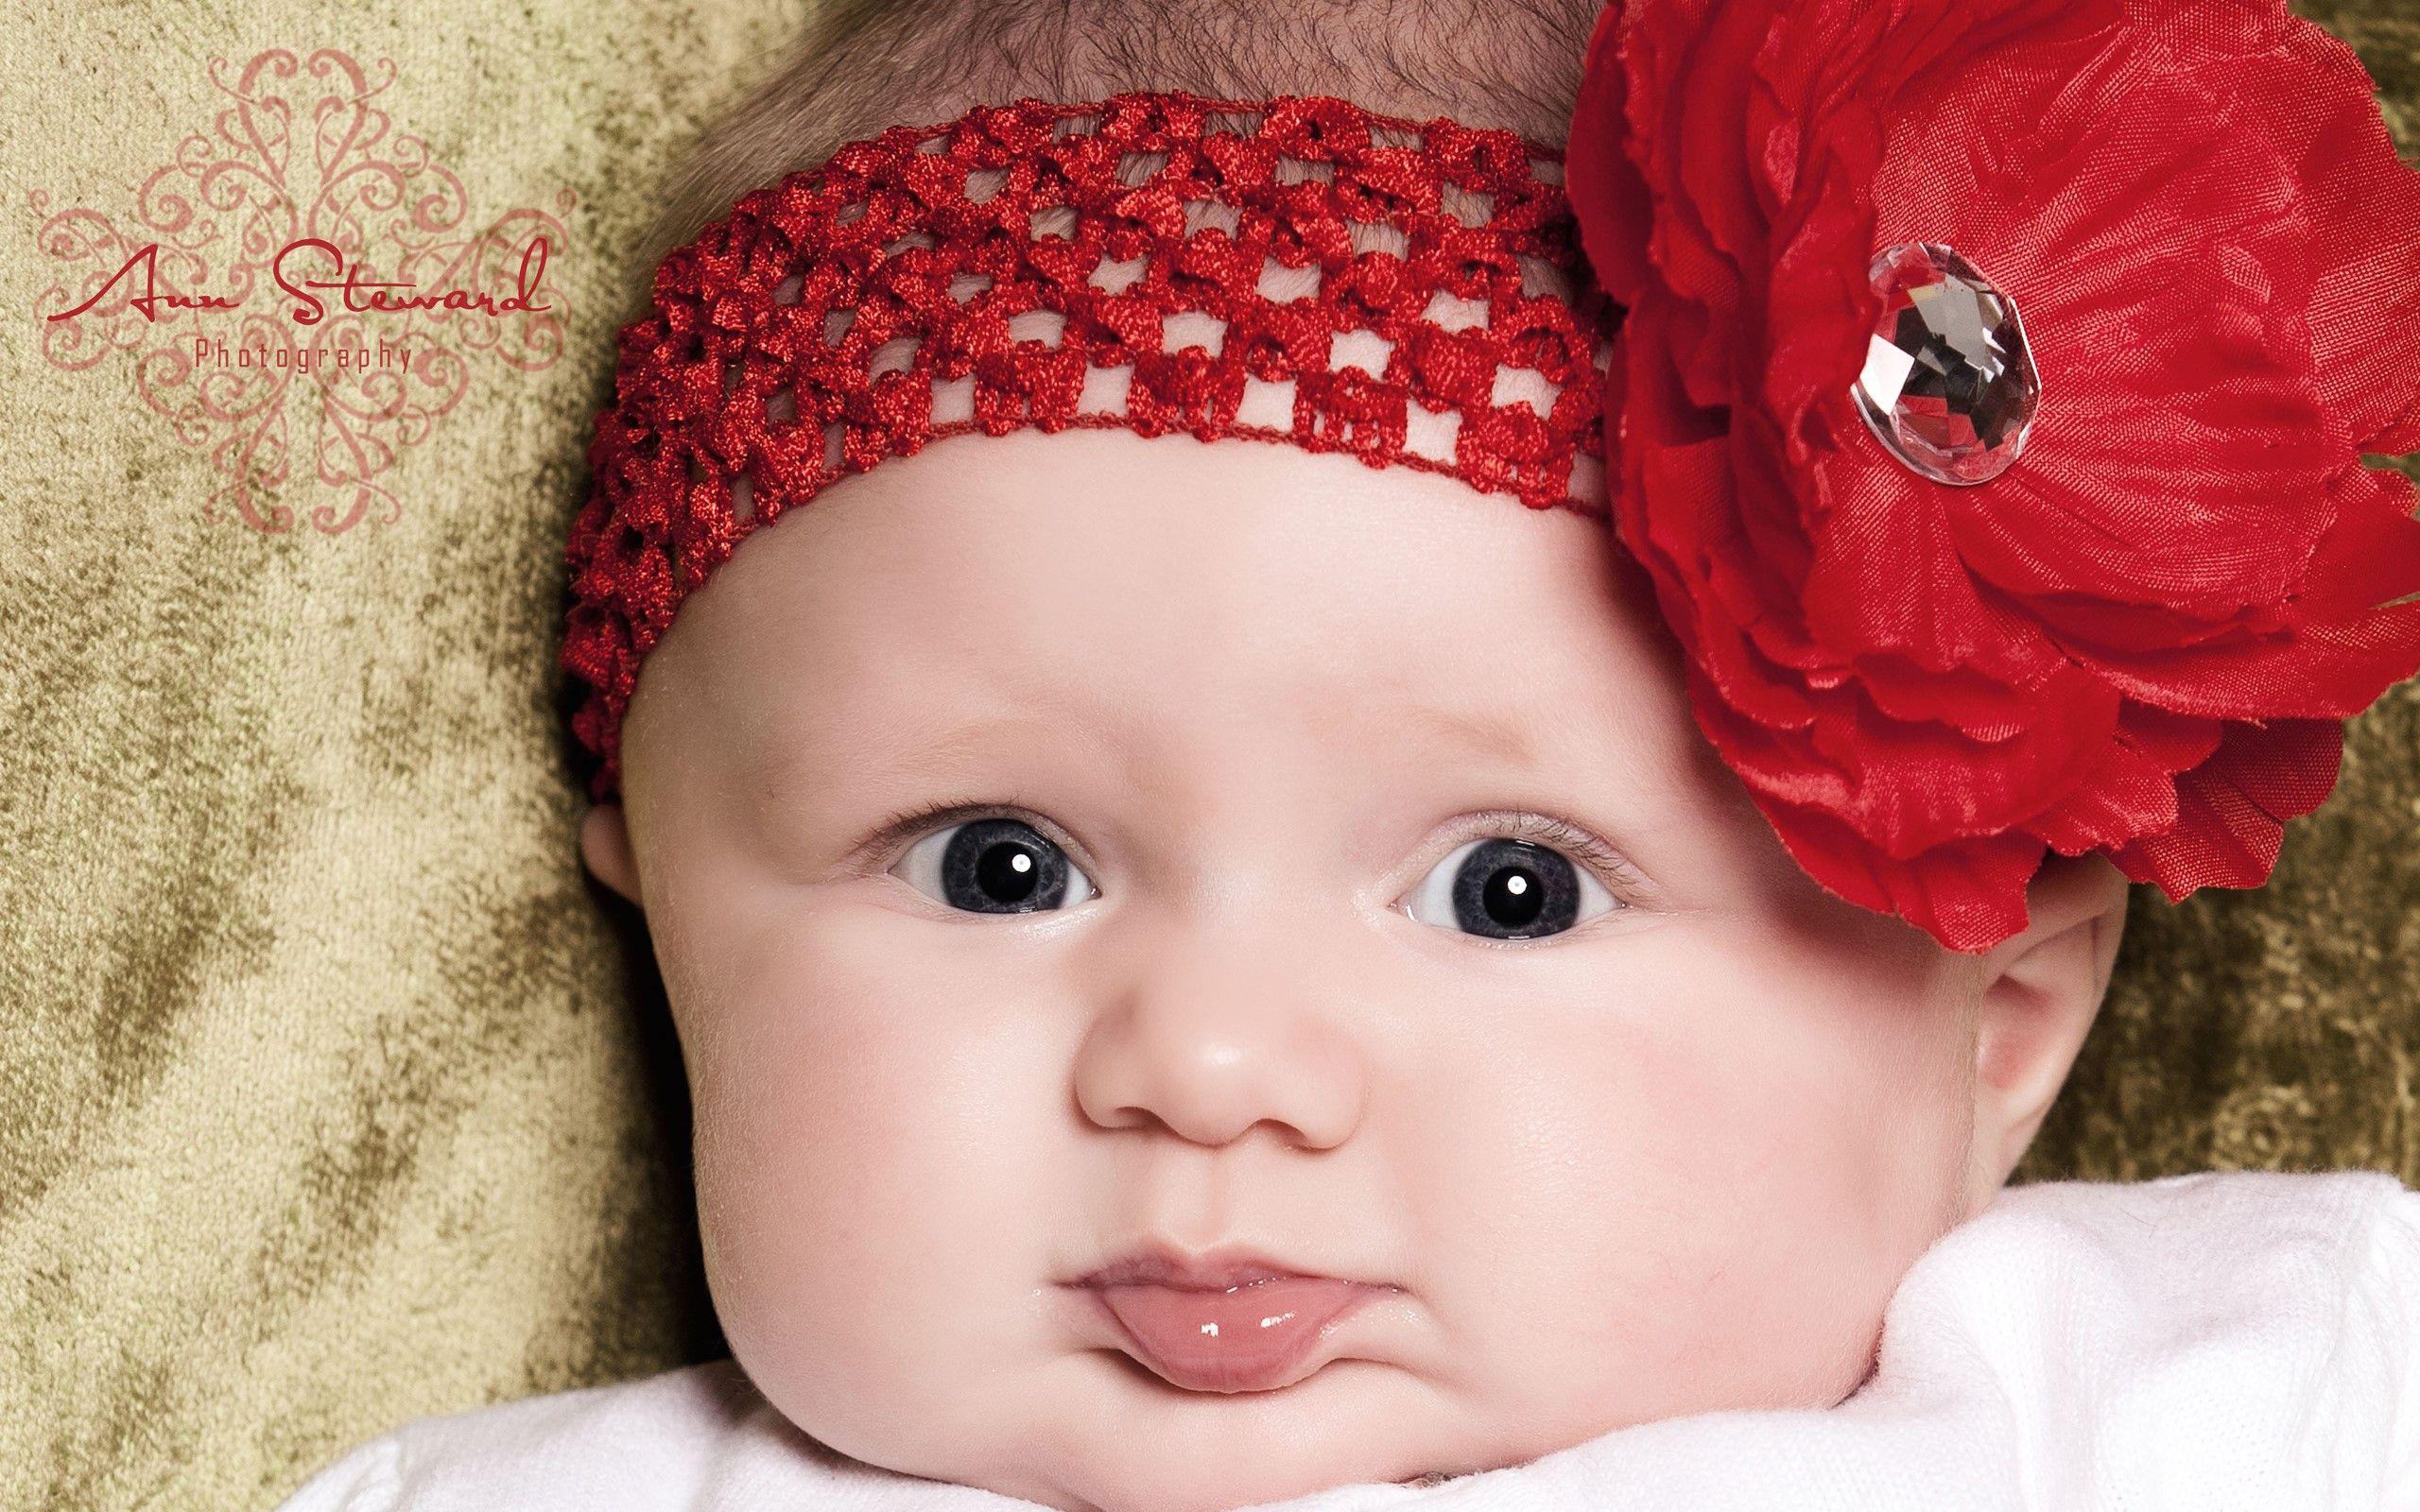 Baby Closeup HD desktop wallpaper Widescreen High Definition